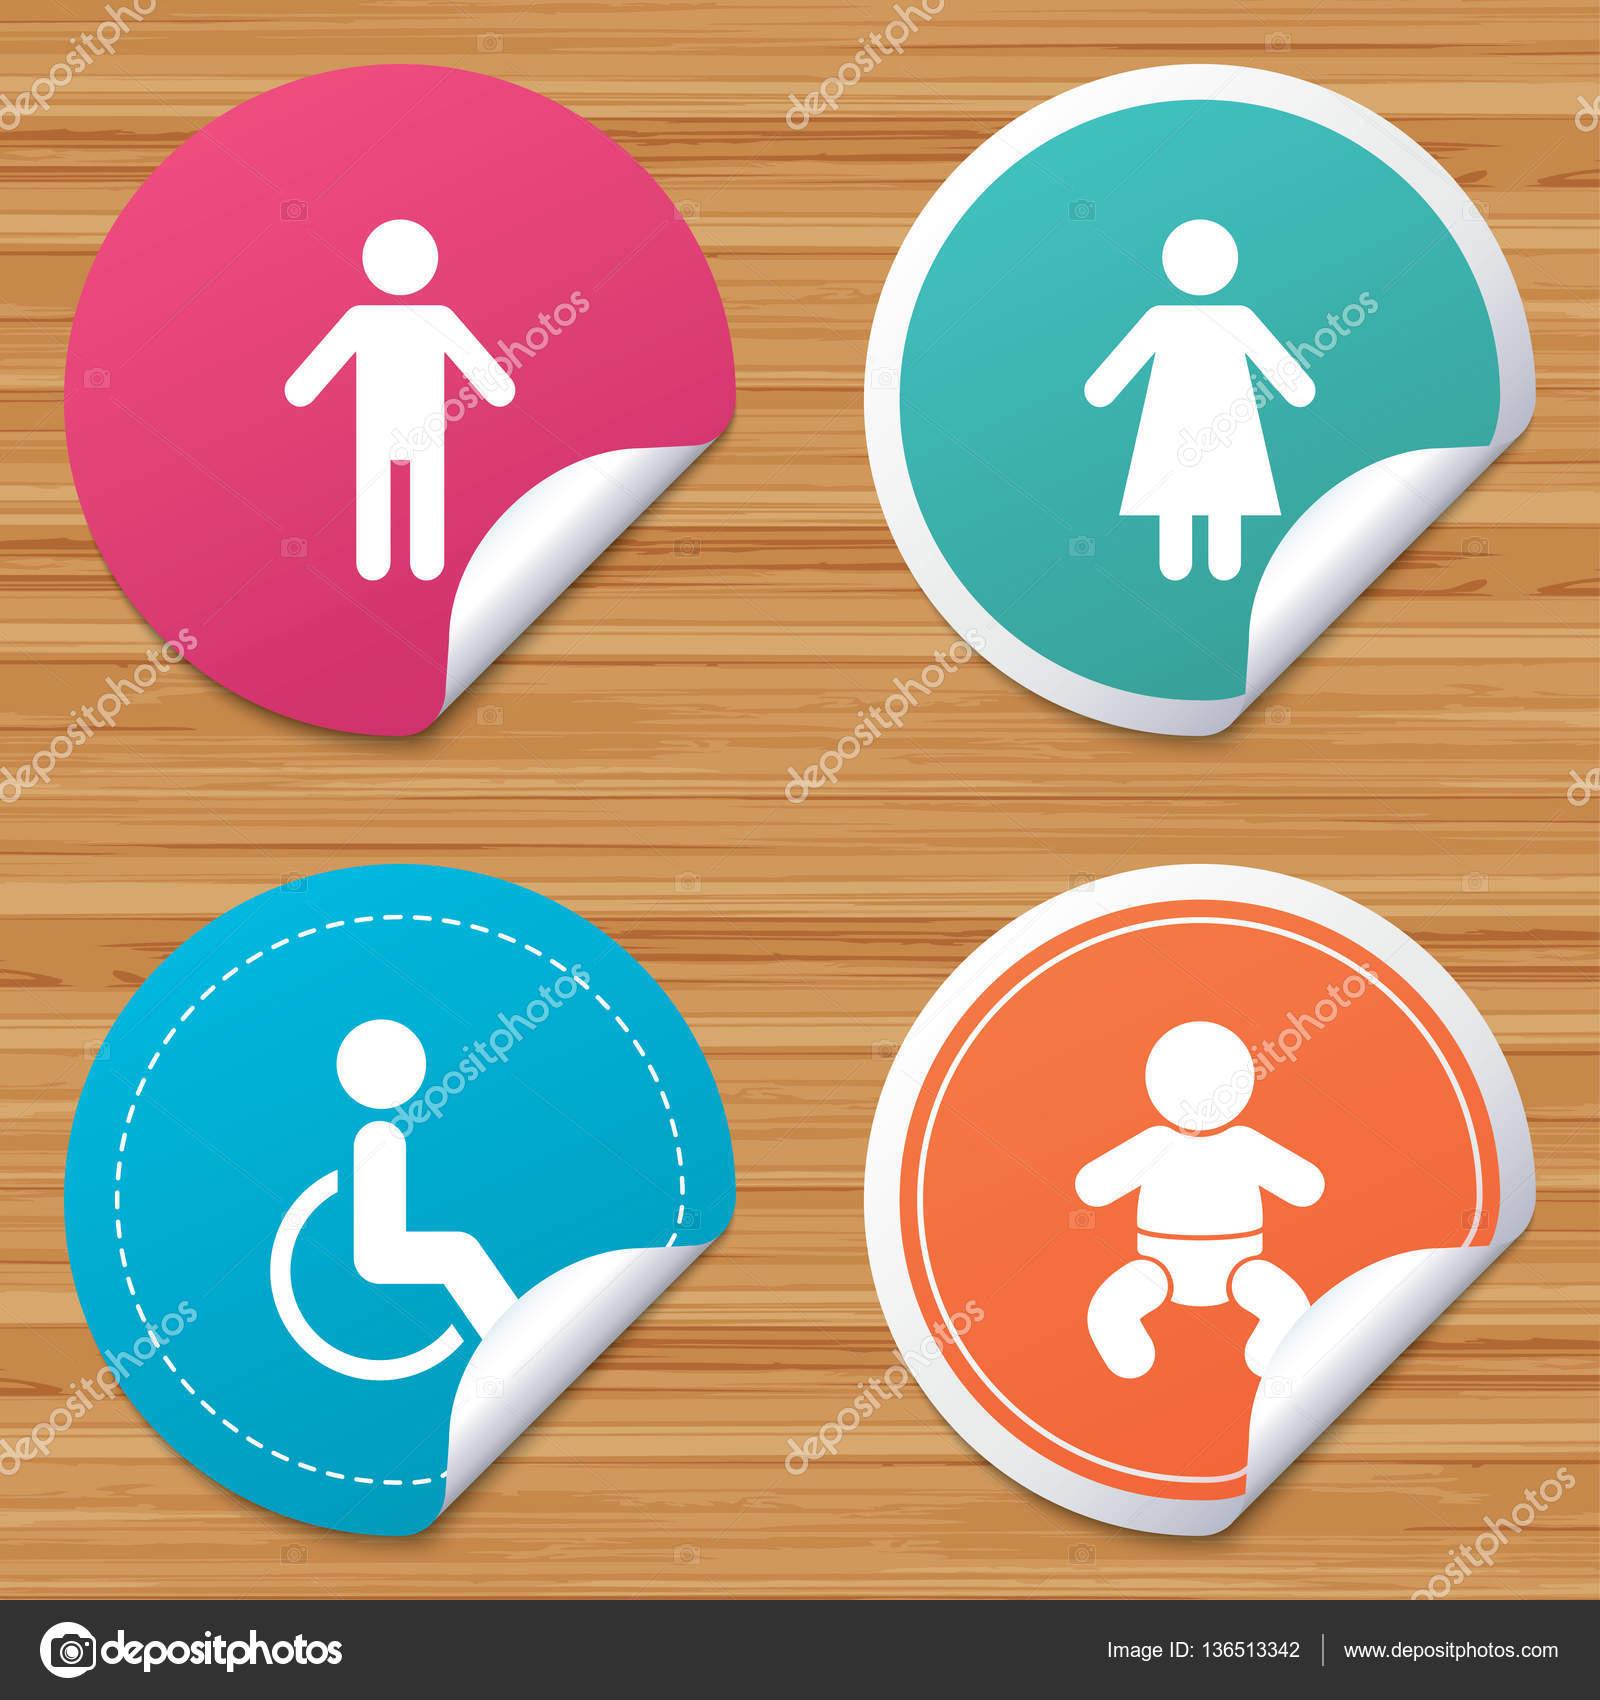 WC toilet icons. — Stock Vector © Blankstock #136513342